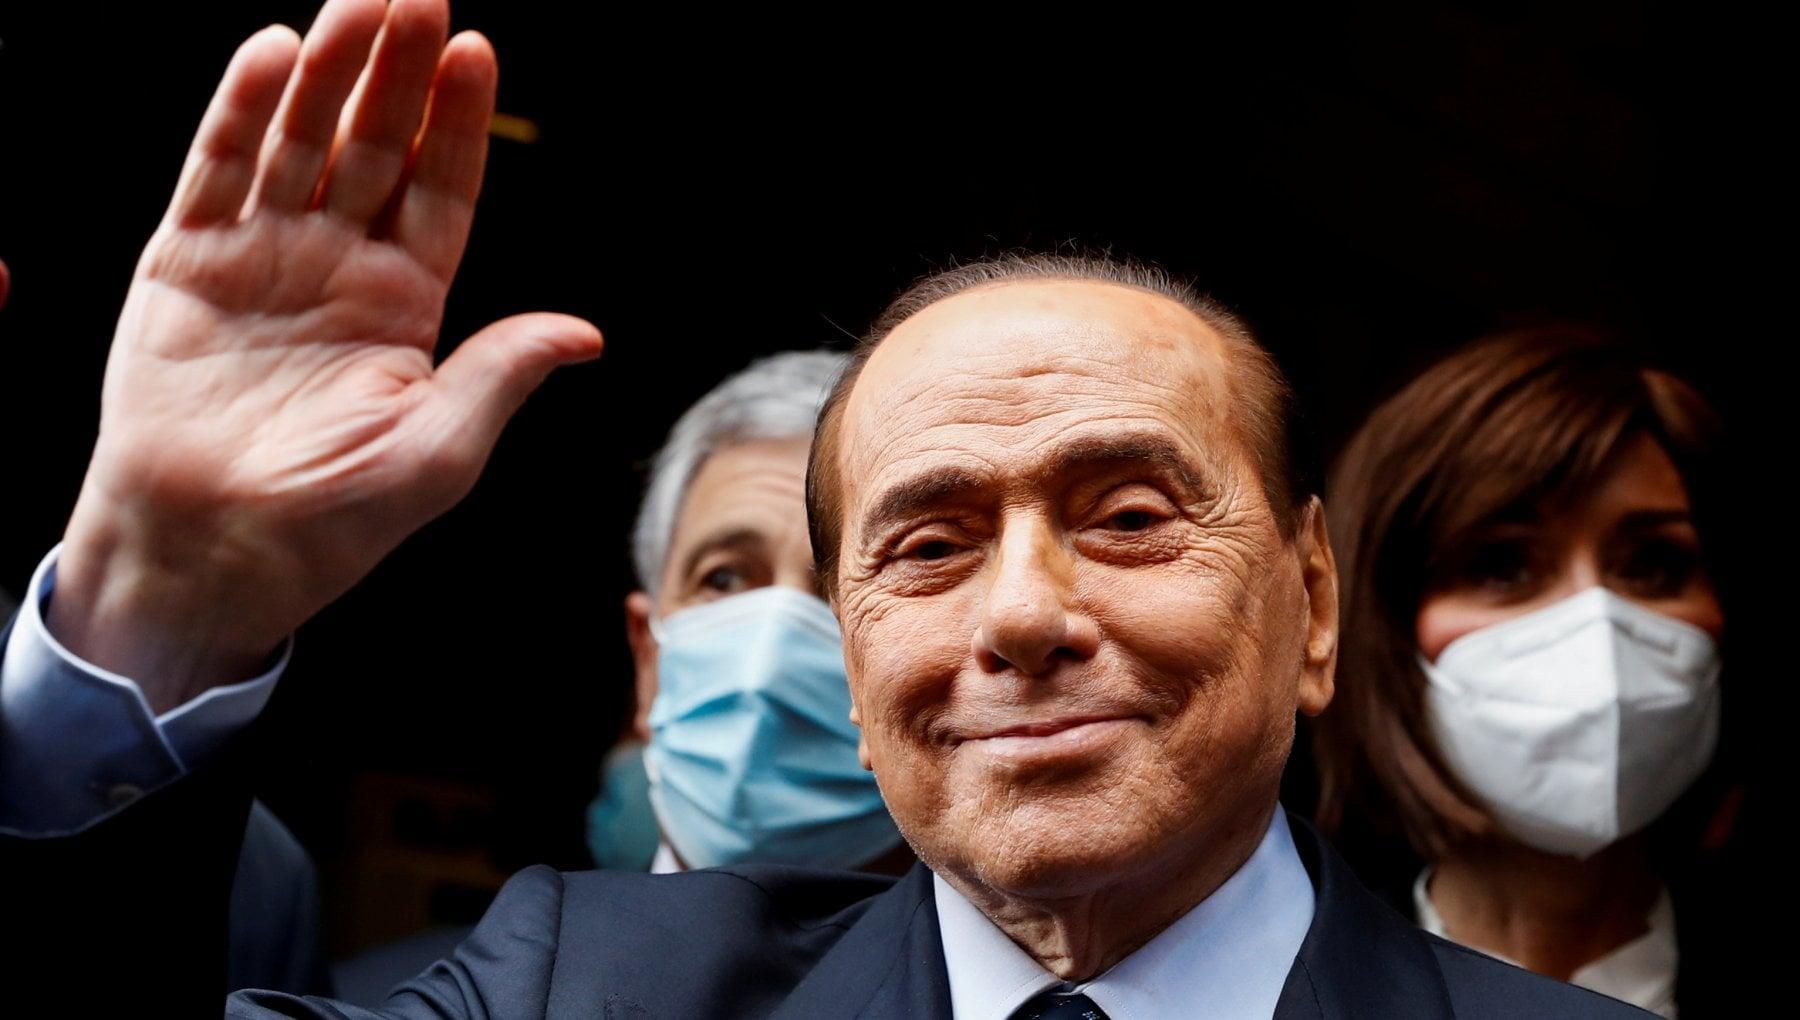 Ruby ter a Siena, il pianista delle serate di Arcore condannato per falsa testimonianza. Nuovo rinvio per Berlusconi